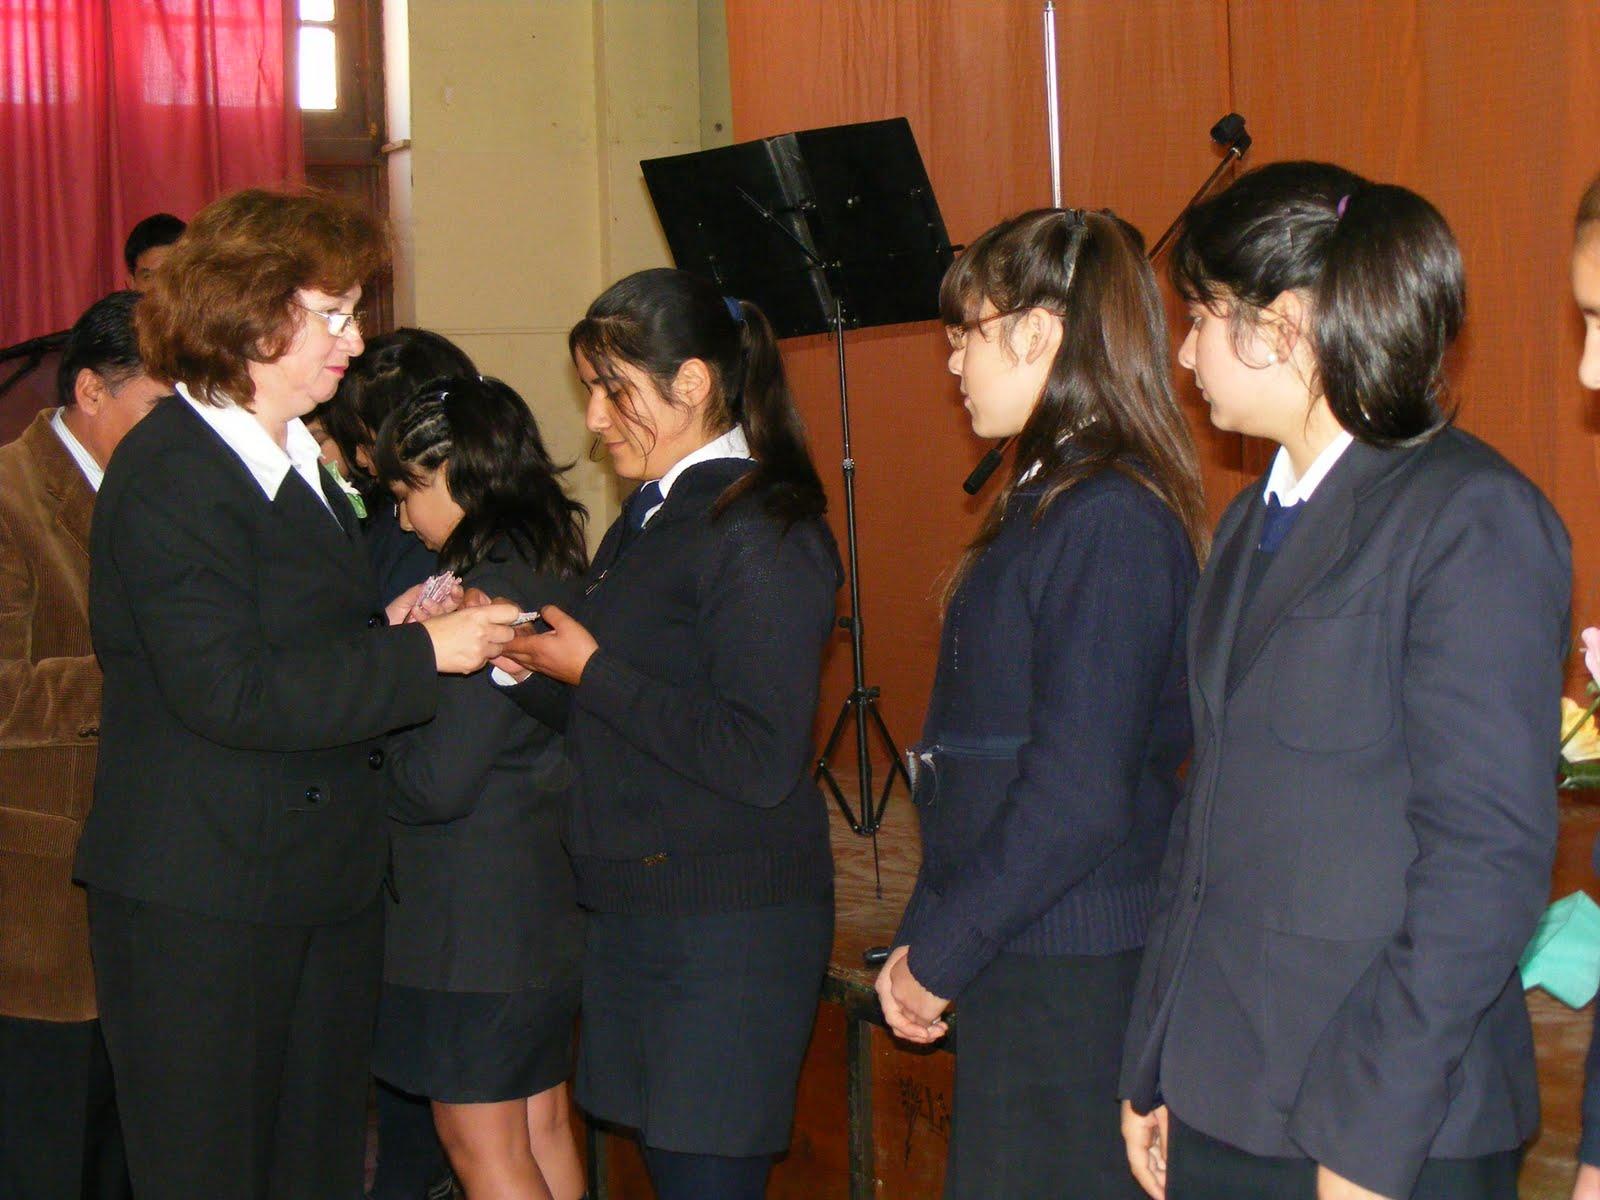 Anna Santos Abril 2010: San Antonio Noticias: Abril 2010